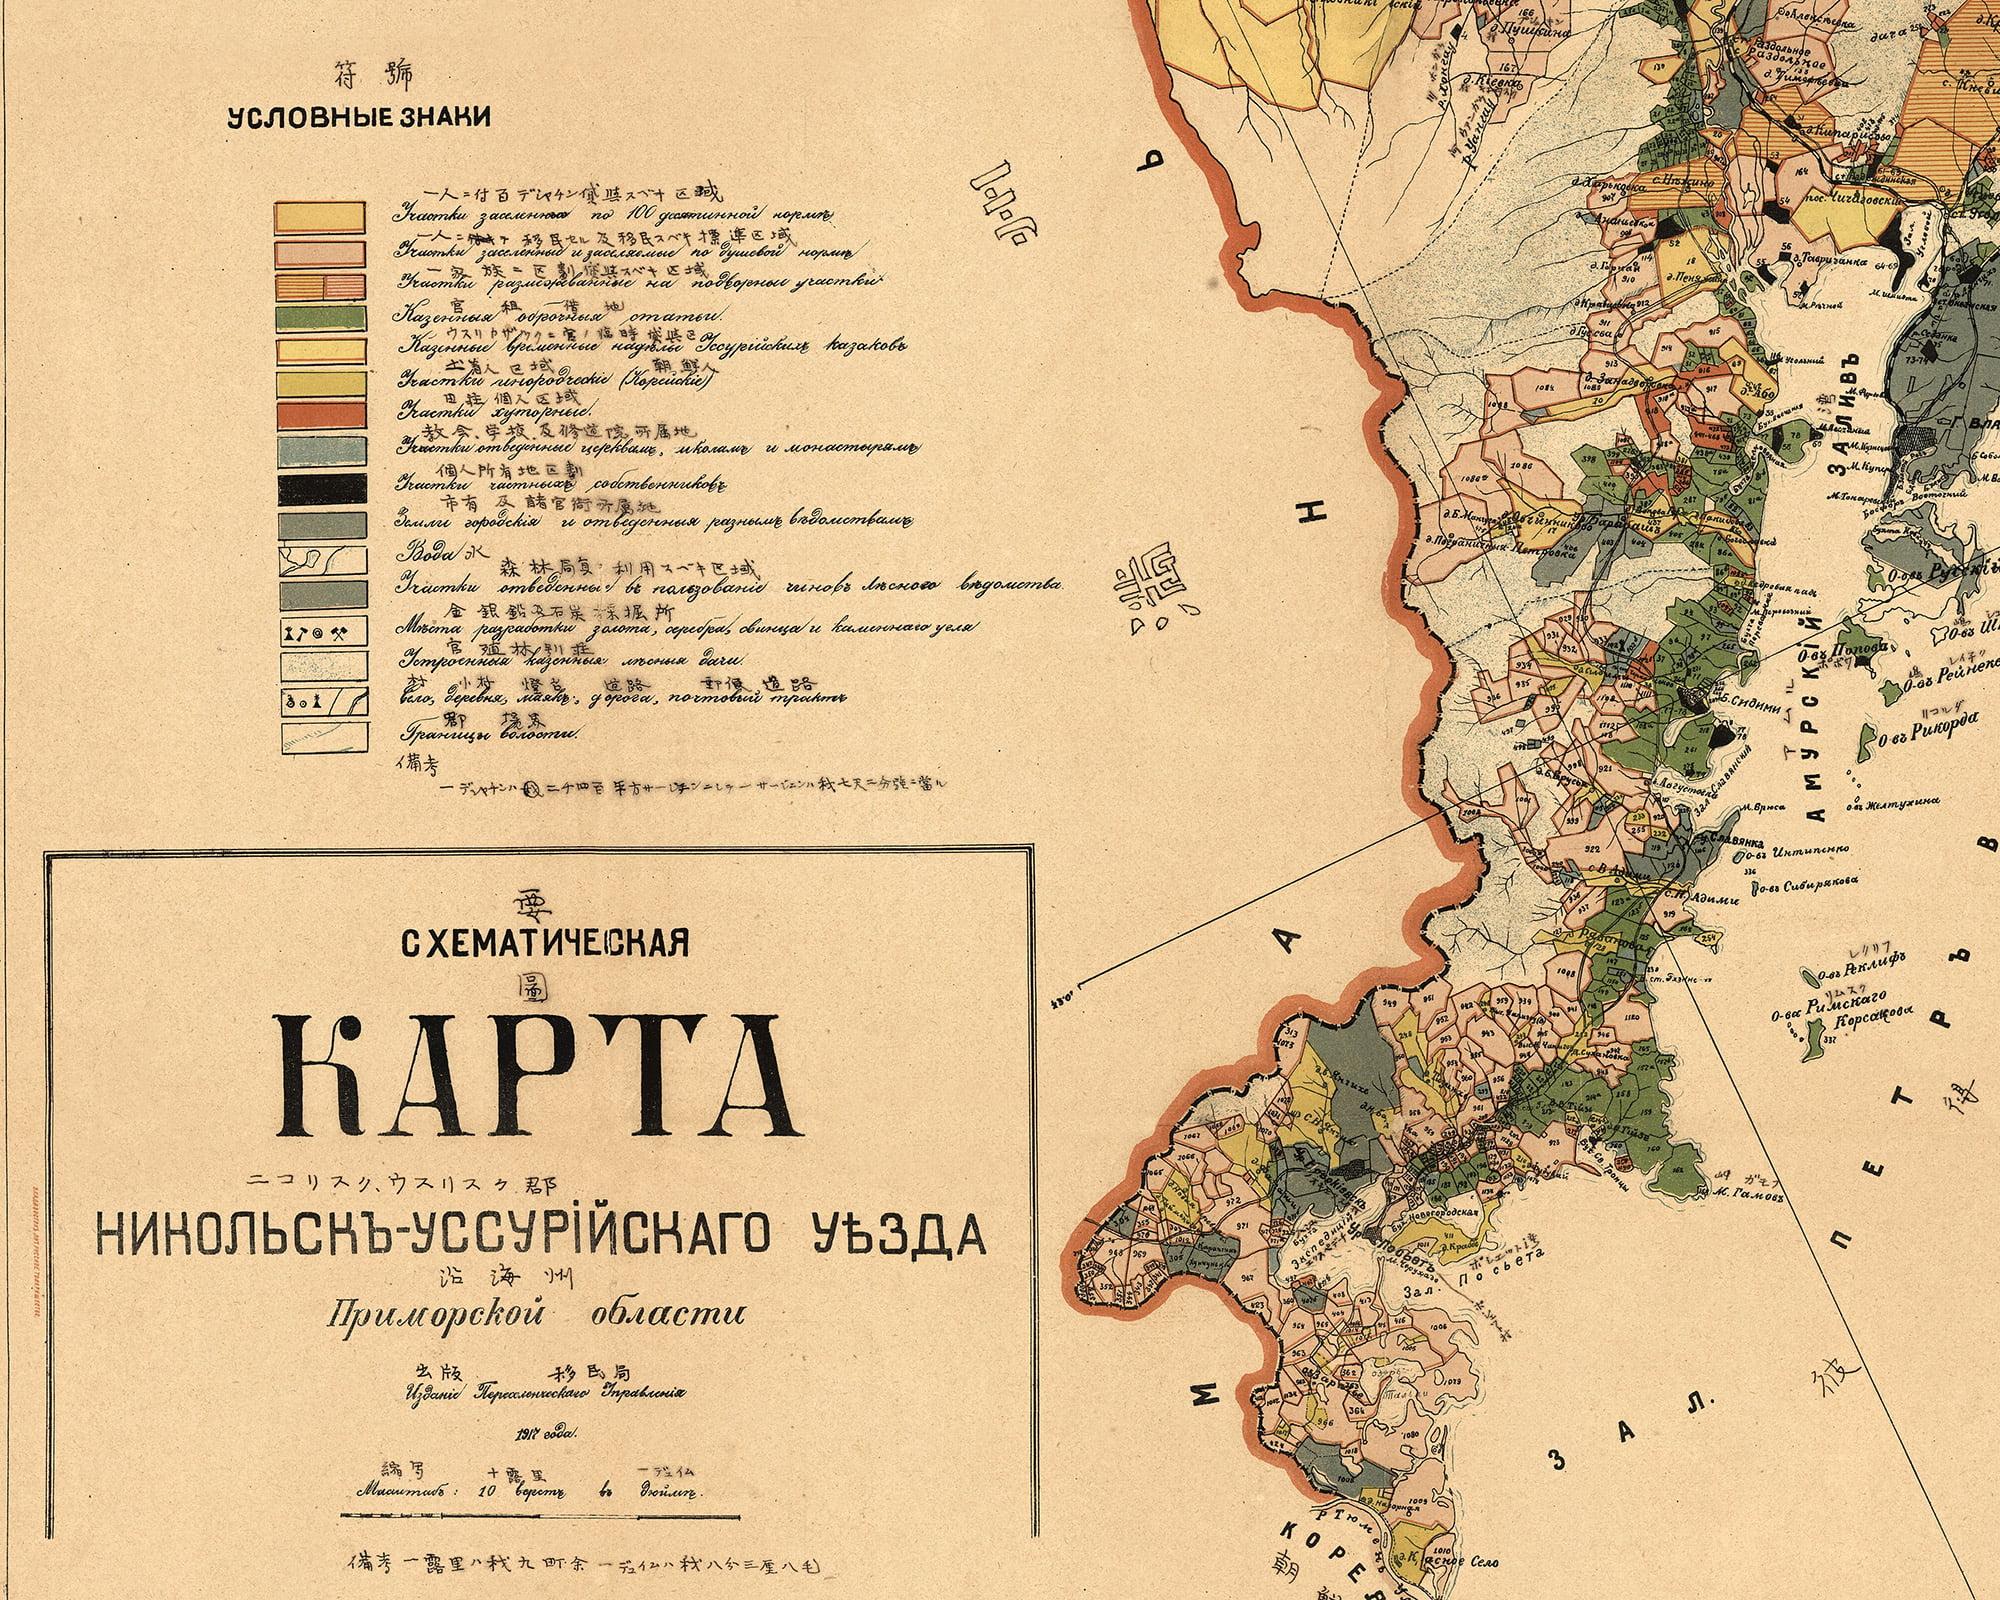 Карта Никольск-Уссурийского уезда